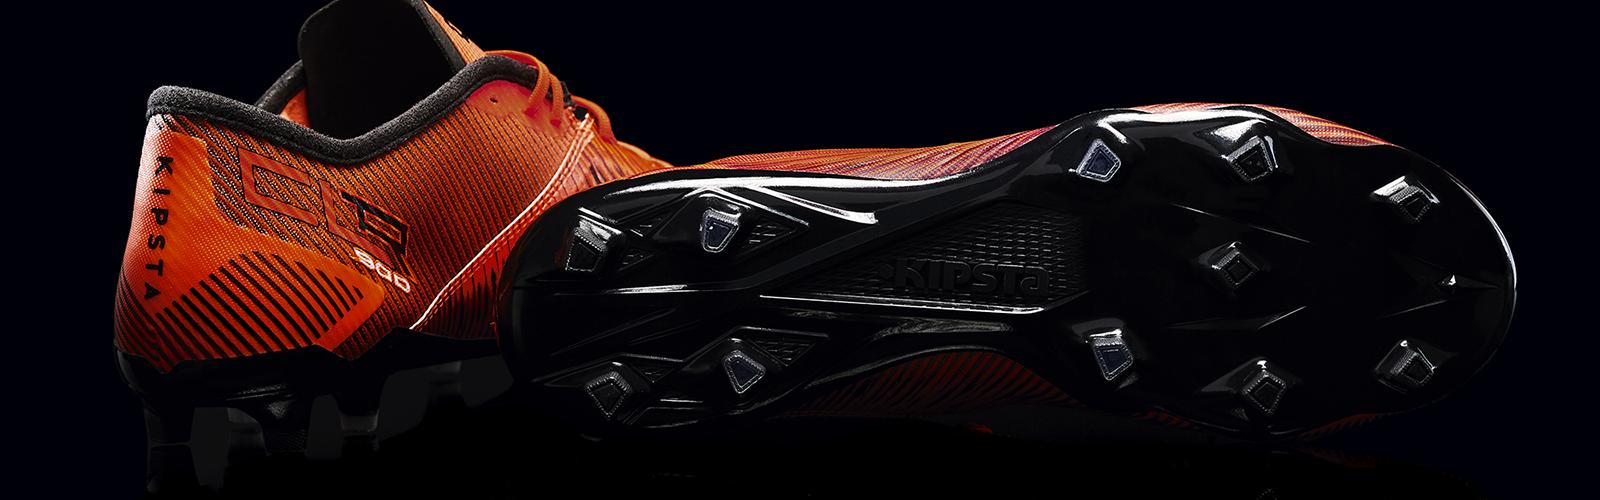 Chaussure de football CLR 900